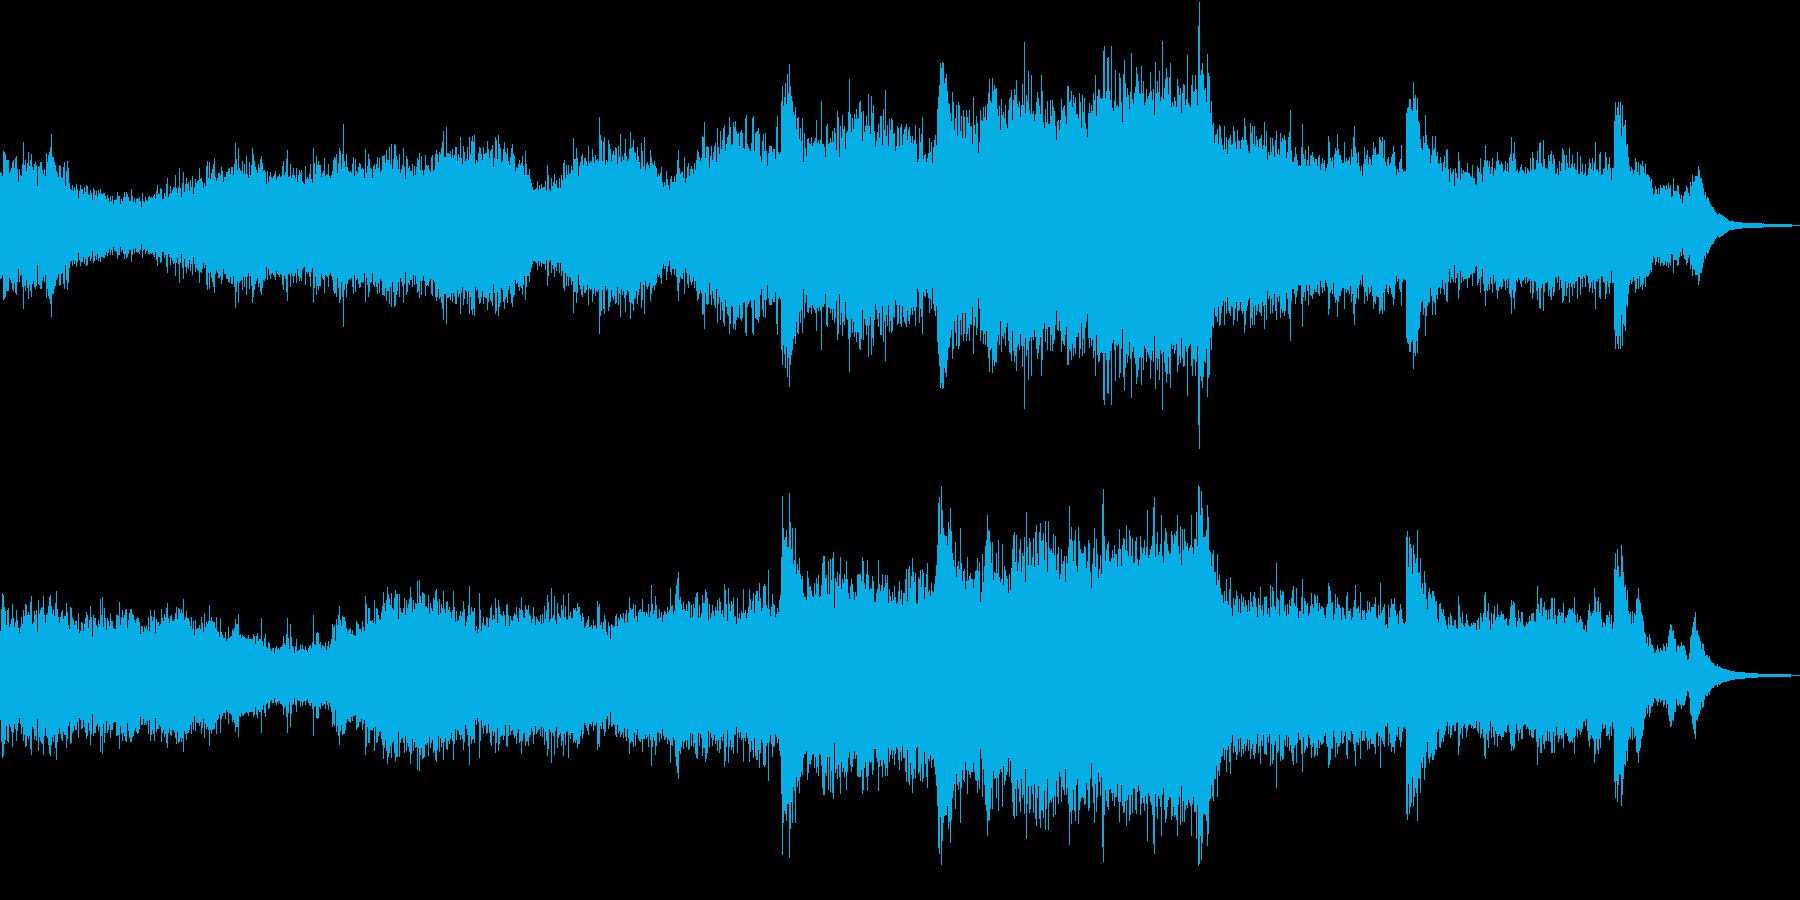 胎児が成長する過程をイメージしたBGMの再生済みの波形